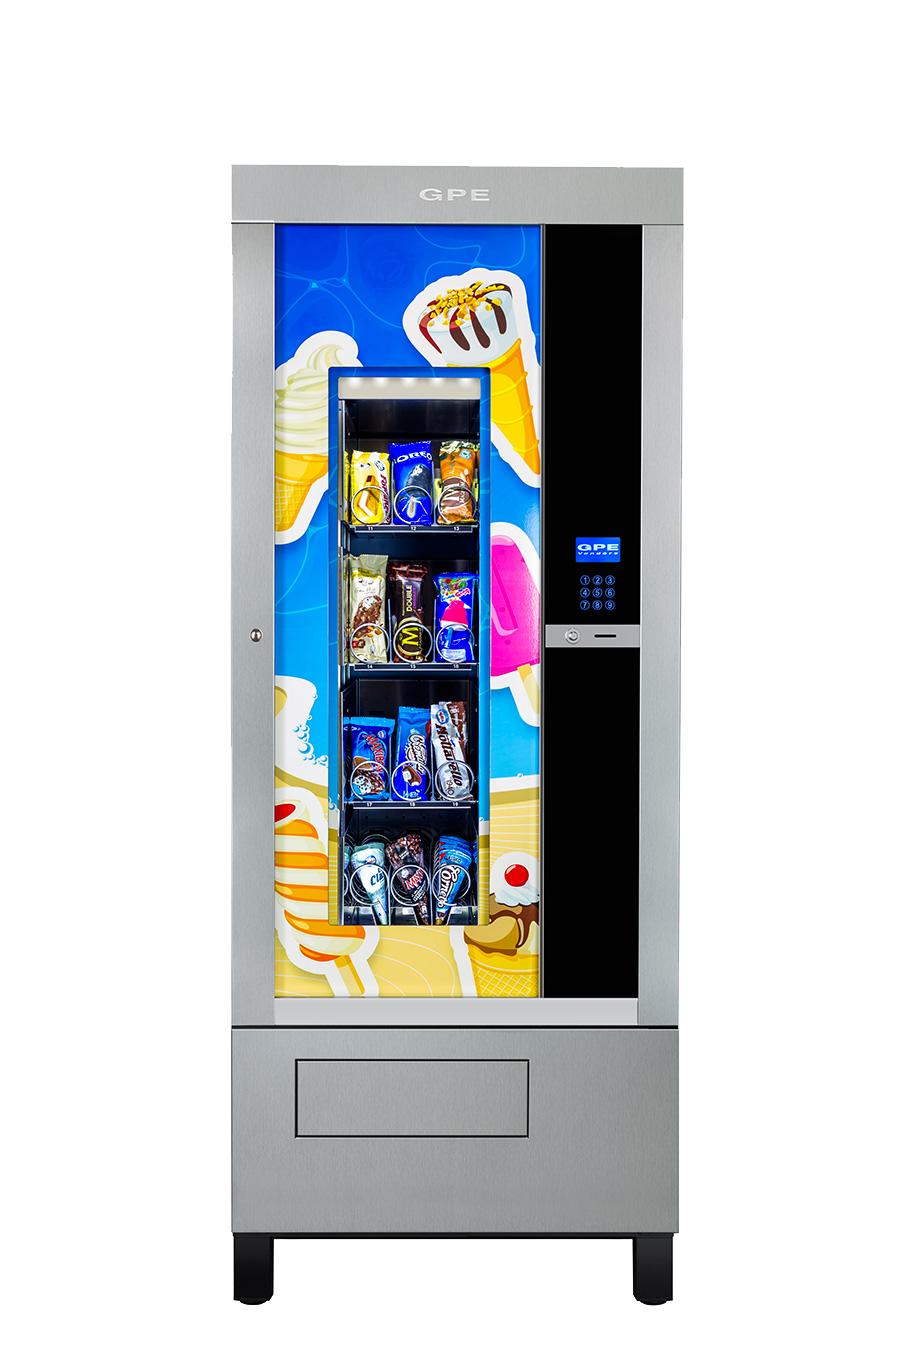 Mcmarket24: Distributore automatico per gelati, ice cream e snack freddi.